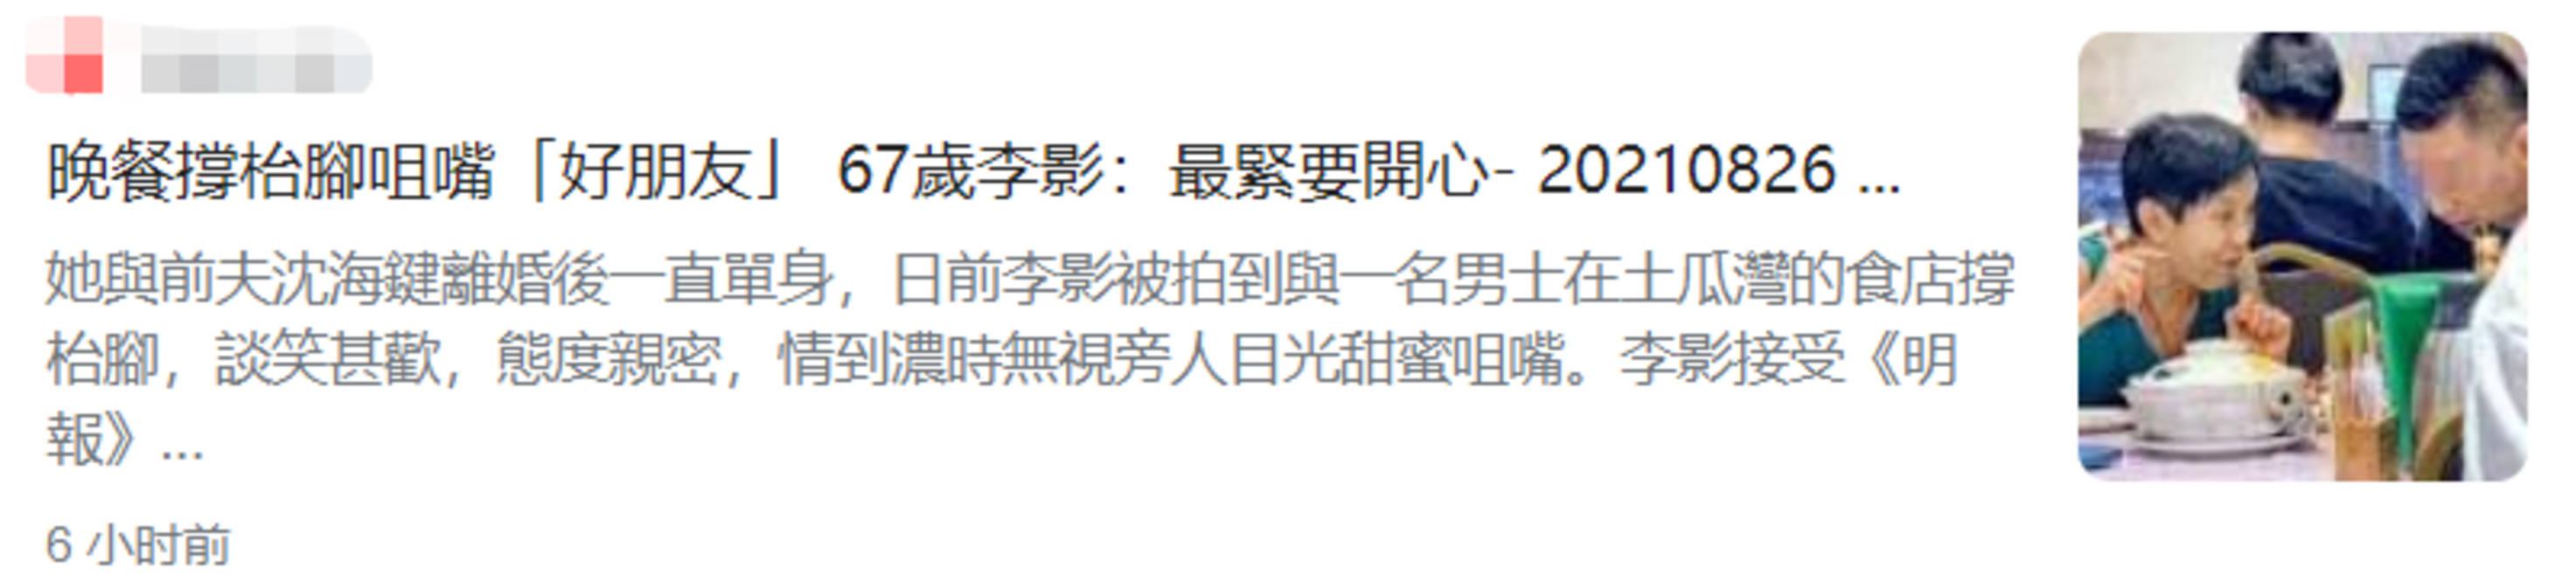 又一段遗忘的爱情!67岁的李颖在公开场合亲吻了小鲜肉 并没有避嫌 他已经爱上刘松仁7年了